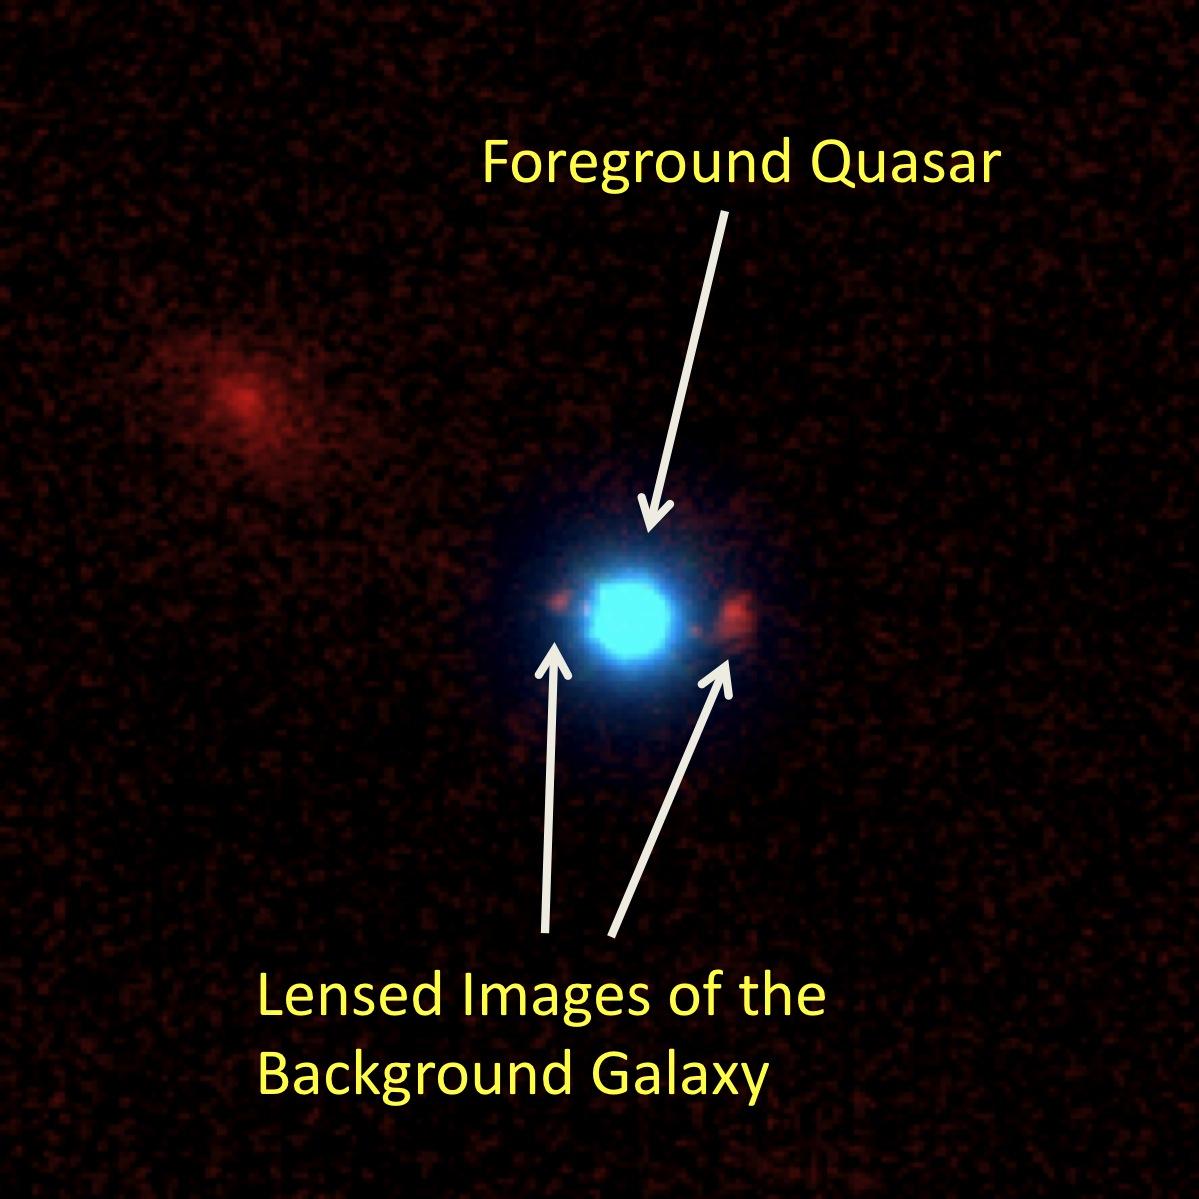 Обнаружен первый квазар, линзирующий удаленную галактику